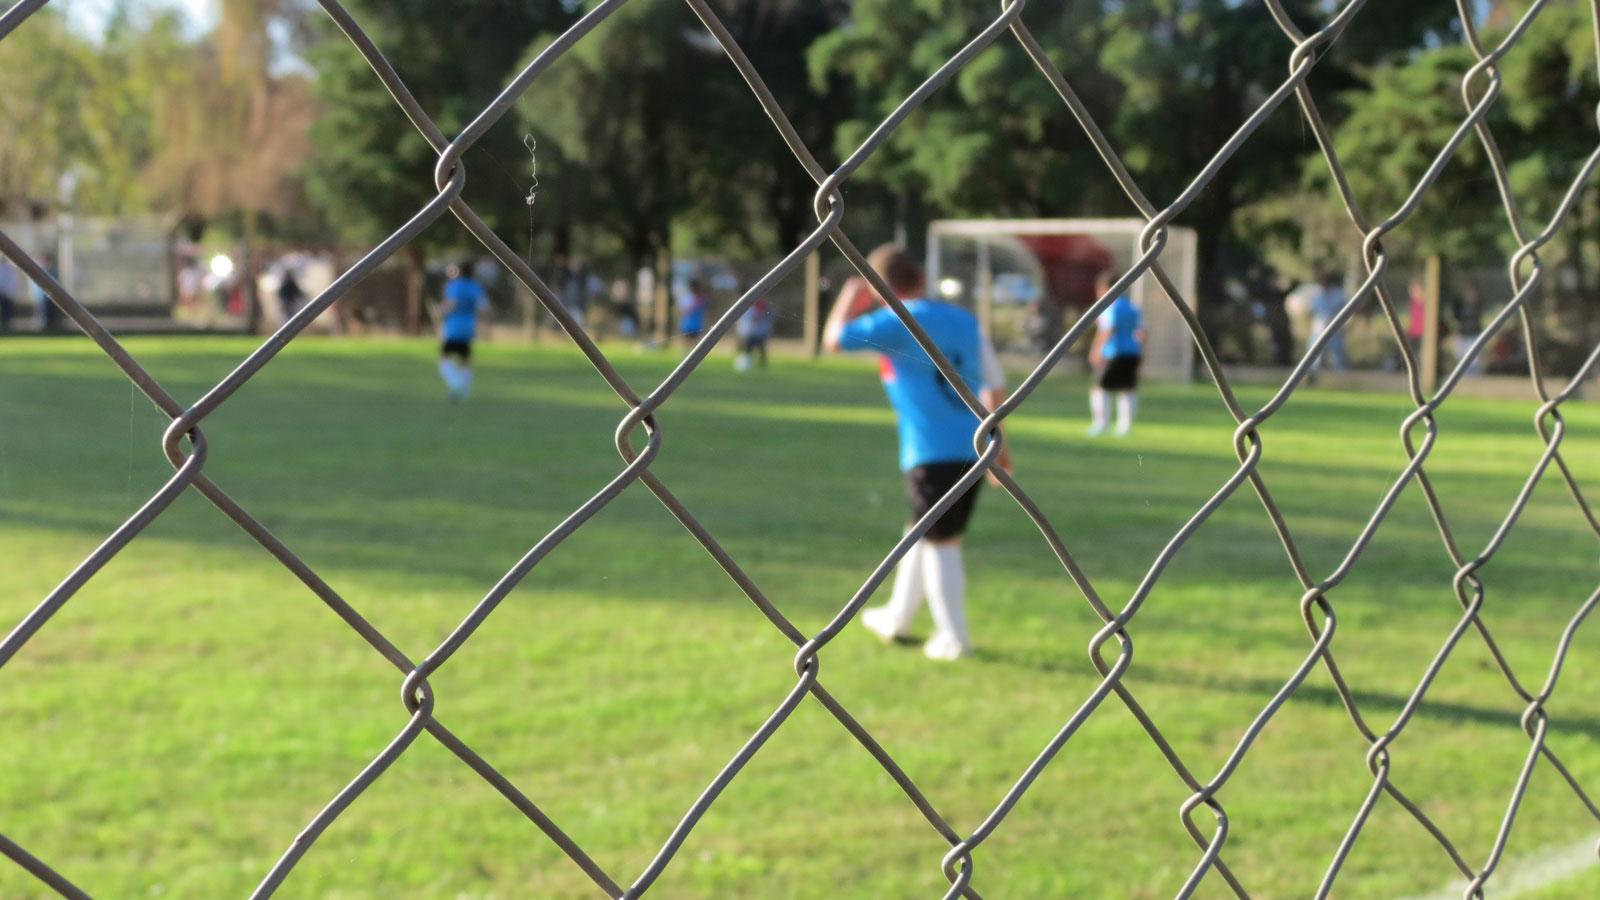 El incidente ocurrió al término de los partidos entre Alumni y Casilda Club